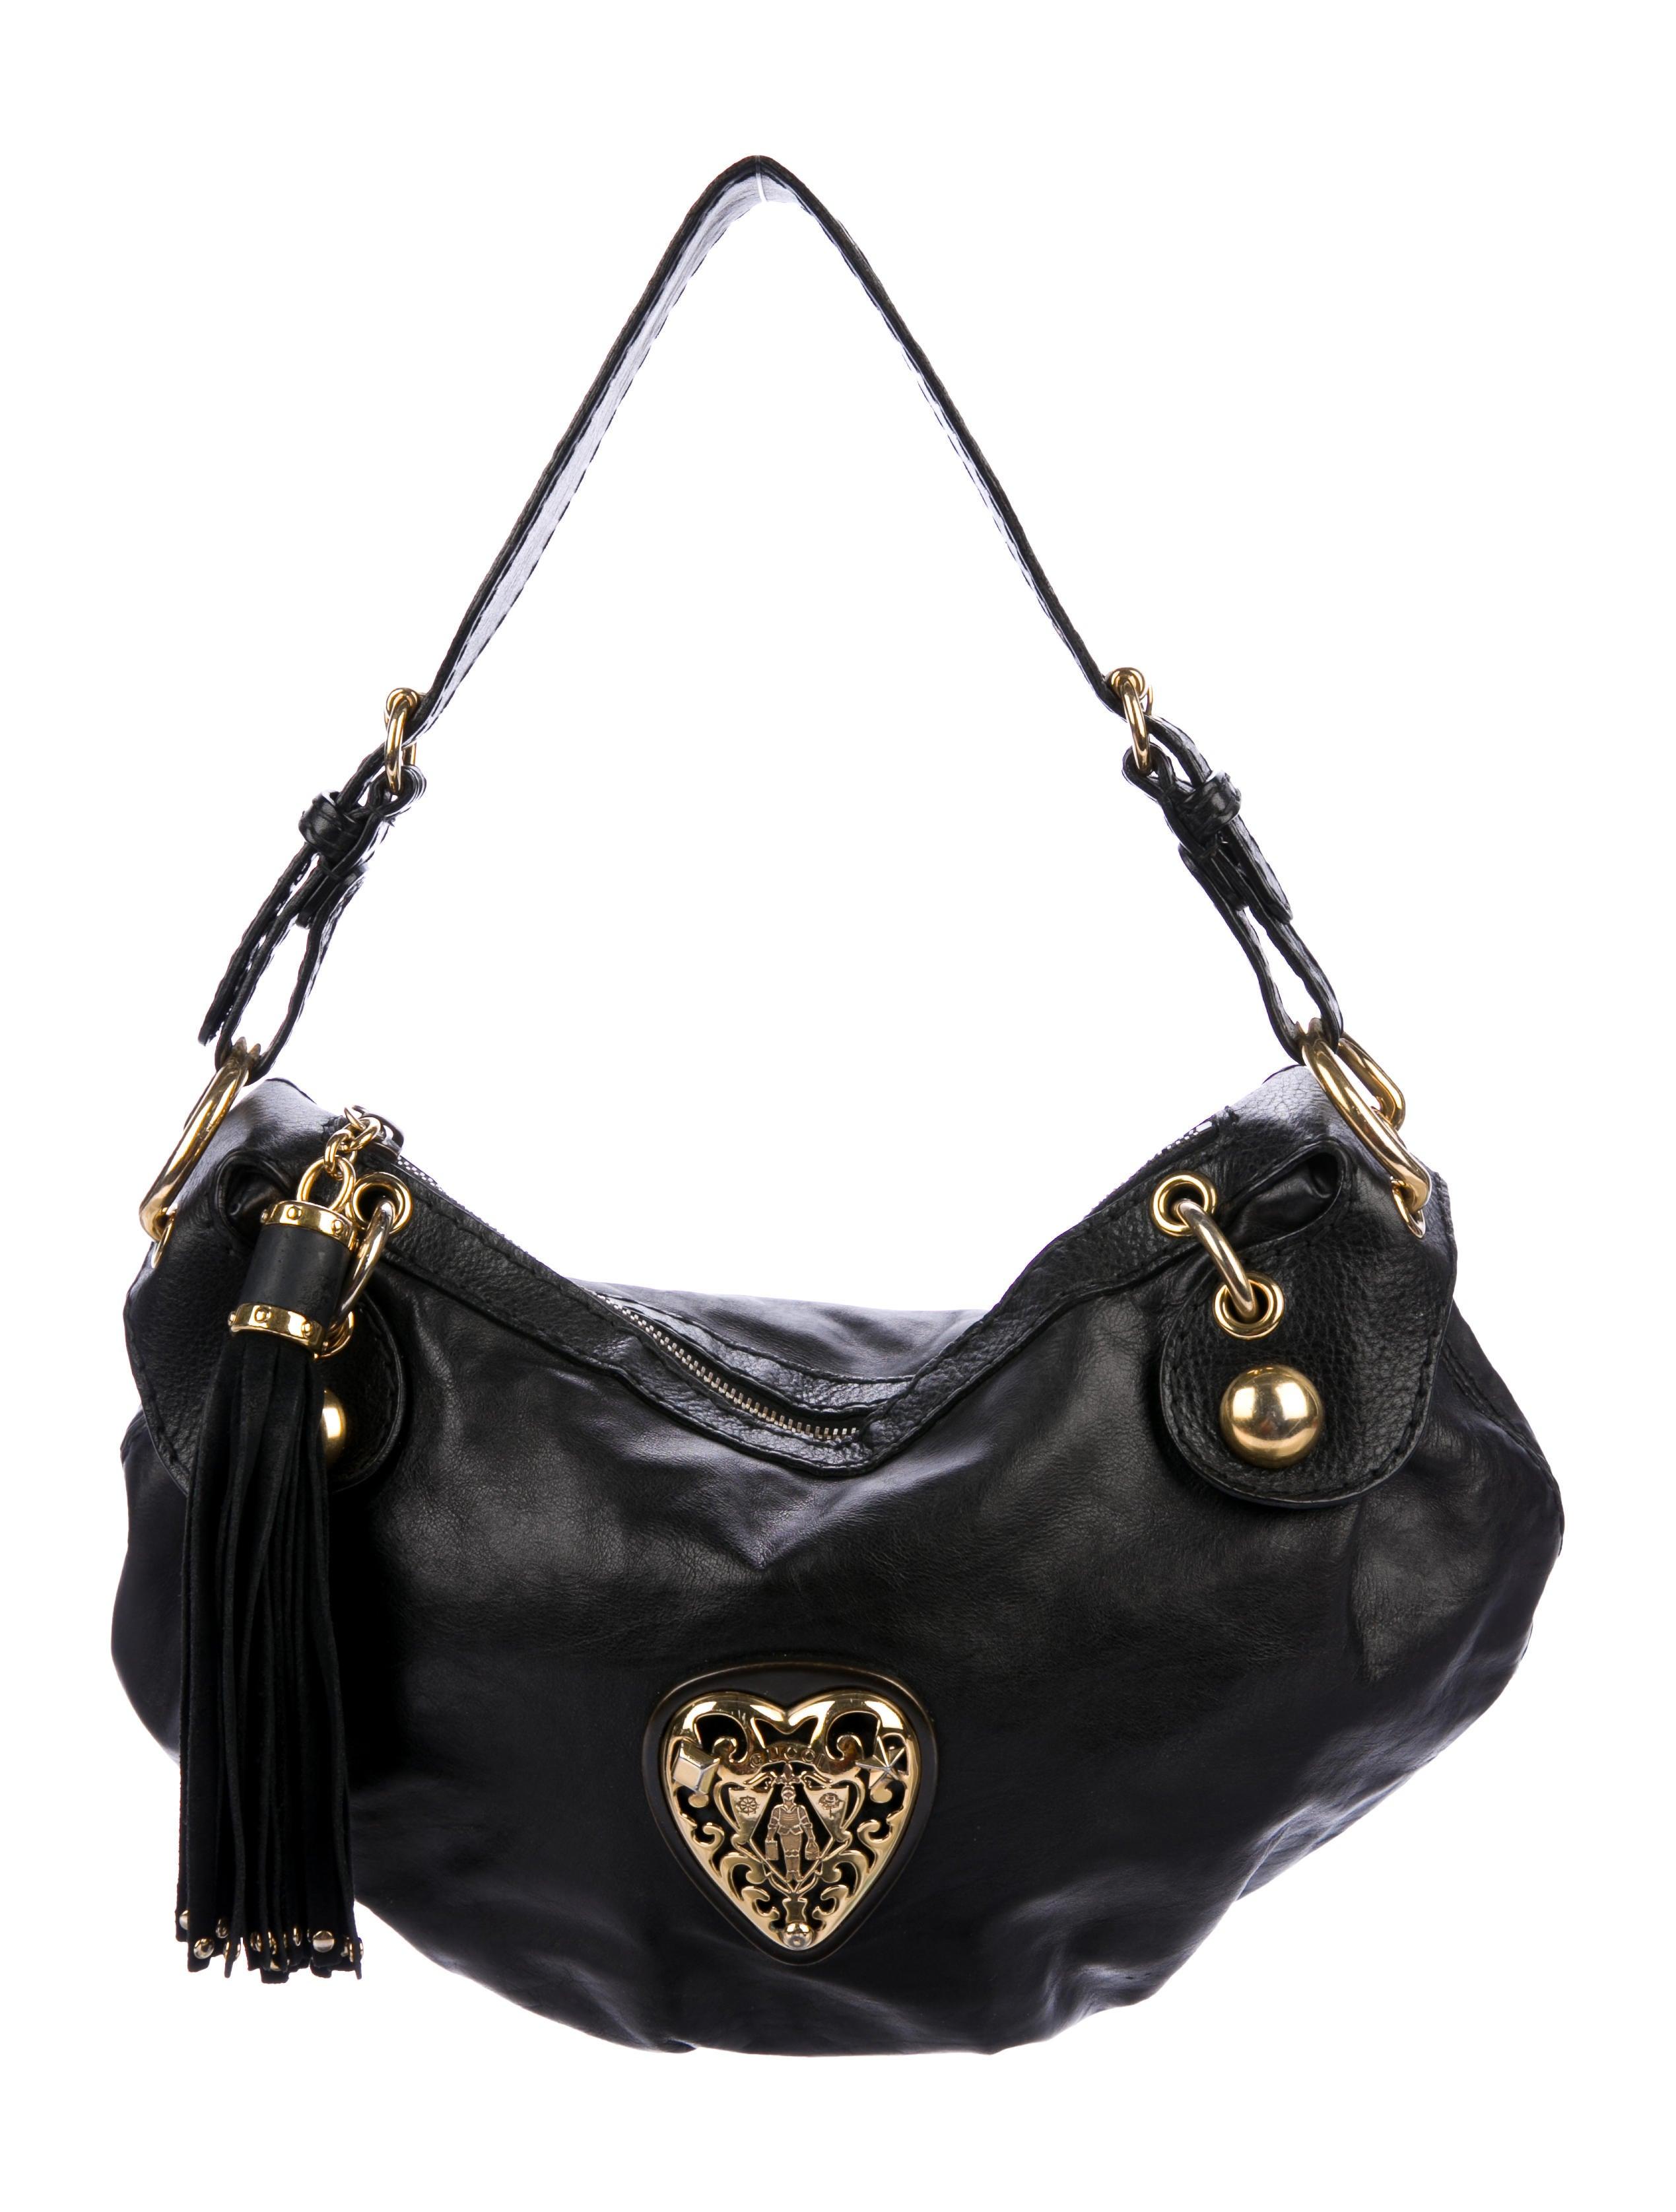 33c99ed8d0d99c Gucci Babouska Shoulder Bag - Handbags - GUC229091 | The RealReal